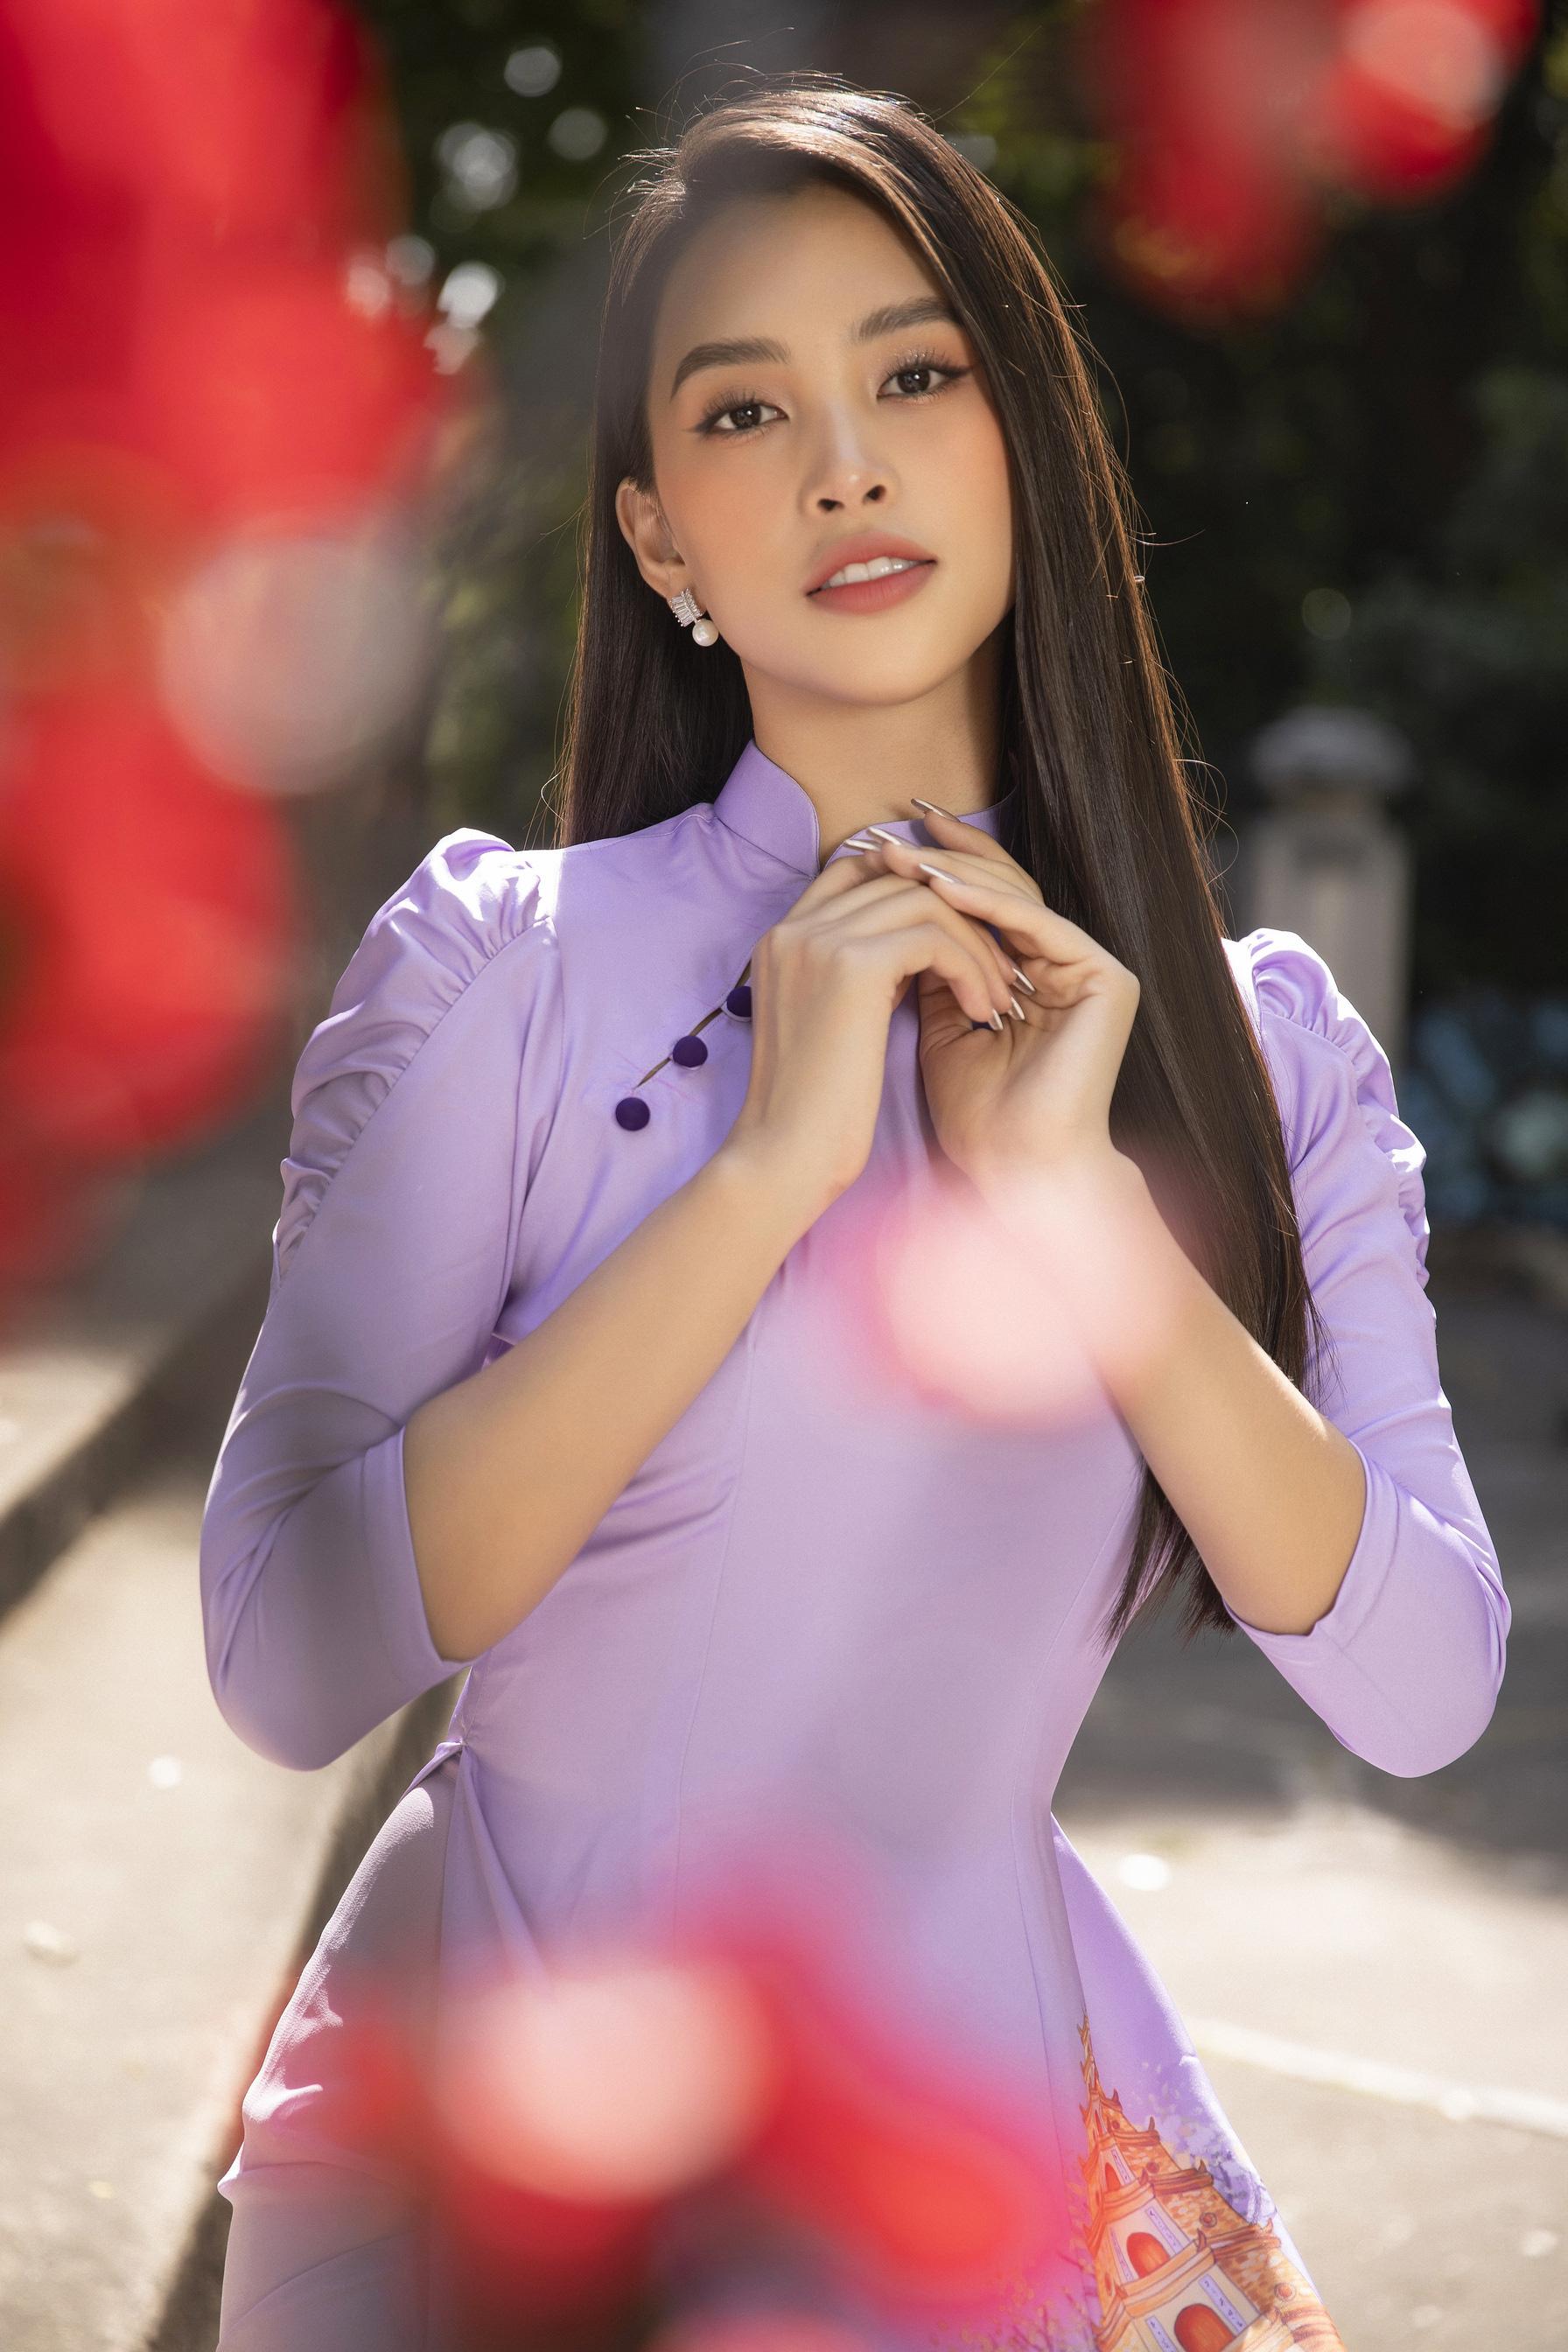 """""""Phát hờn"""" vì Trần Tiểu Vy mặc áo dài xinh đẹp xứng danh đại mỹ nhân cận Tết 2021  - Ảnh 1."""